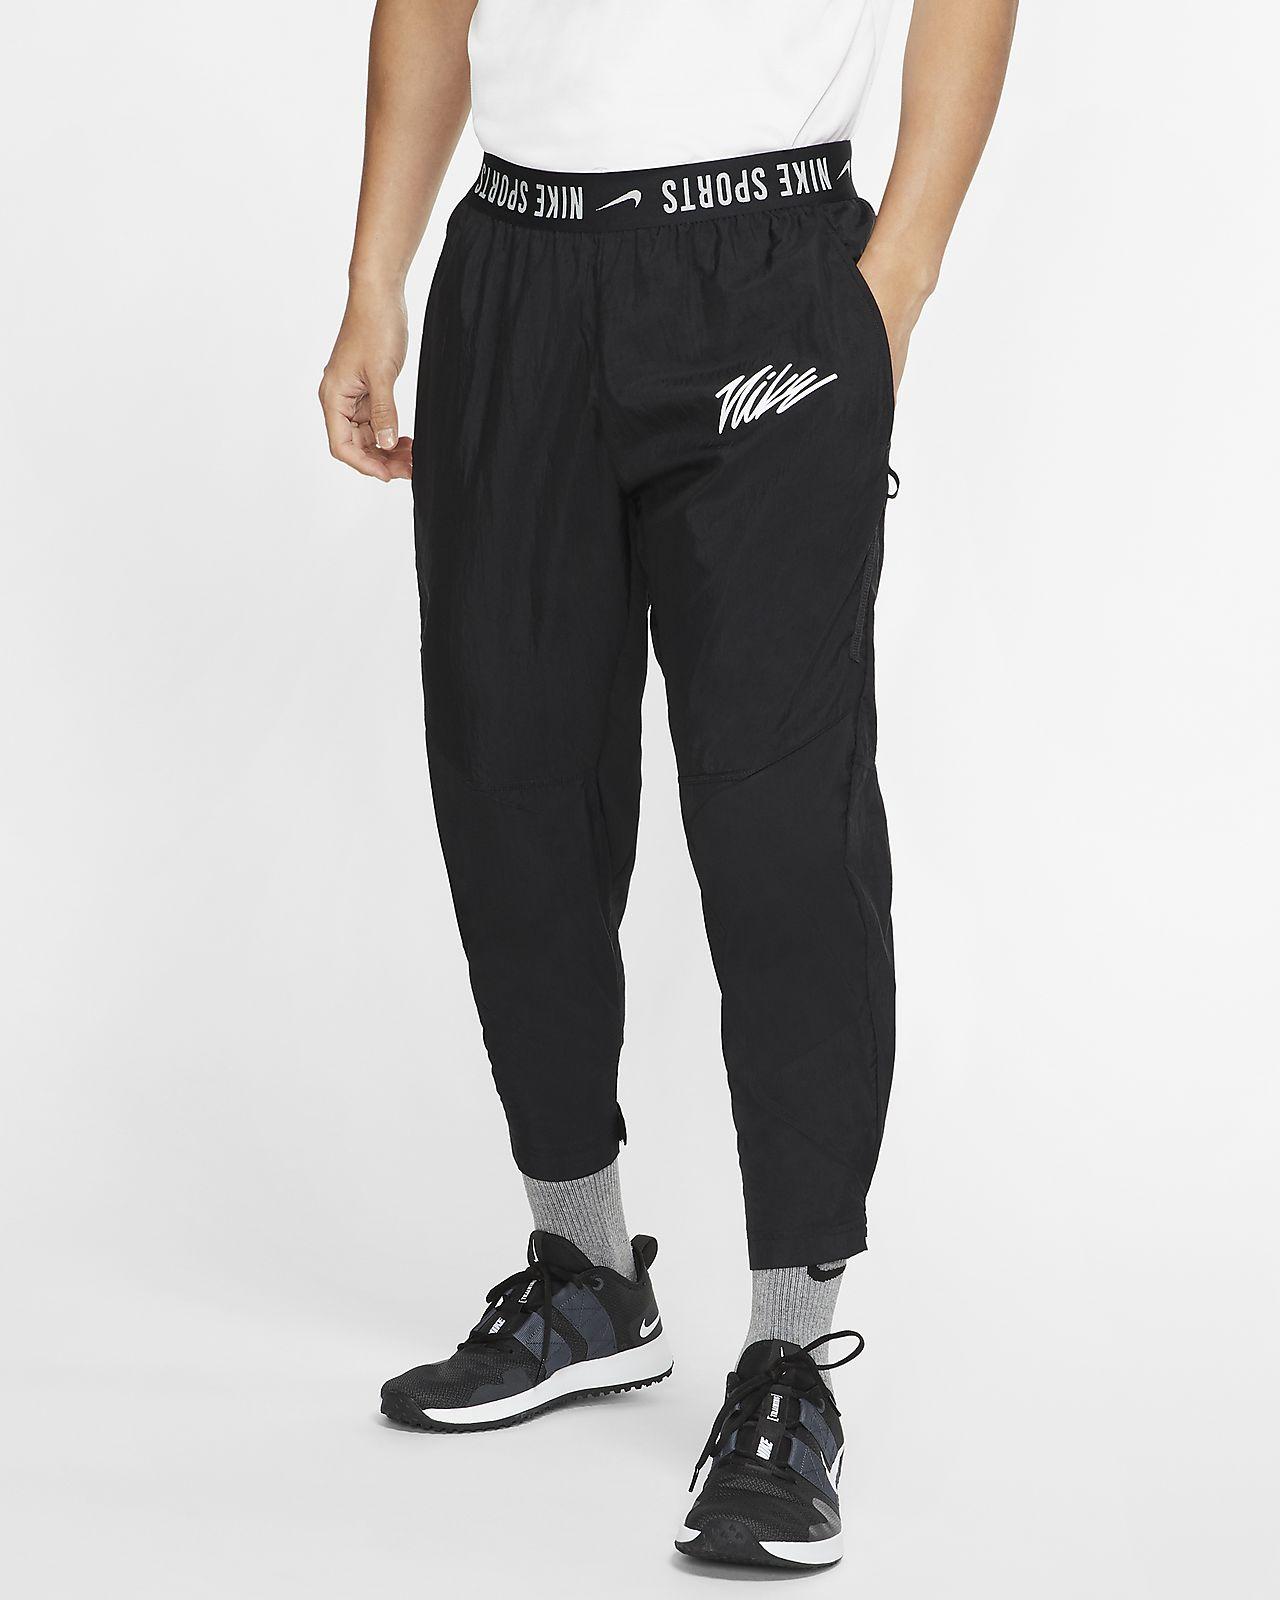 Męskie spodnie treningowe z tkaniny Nike